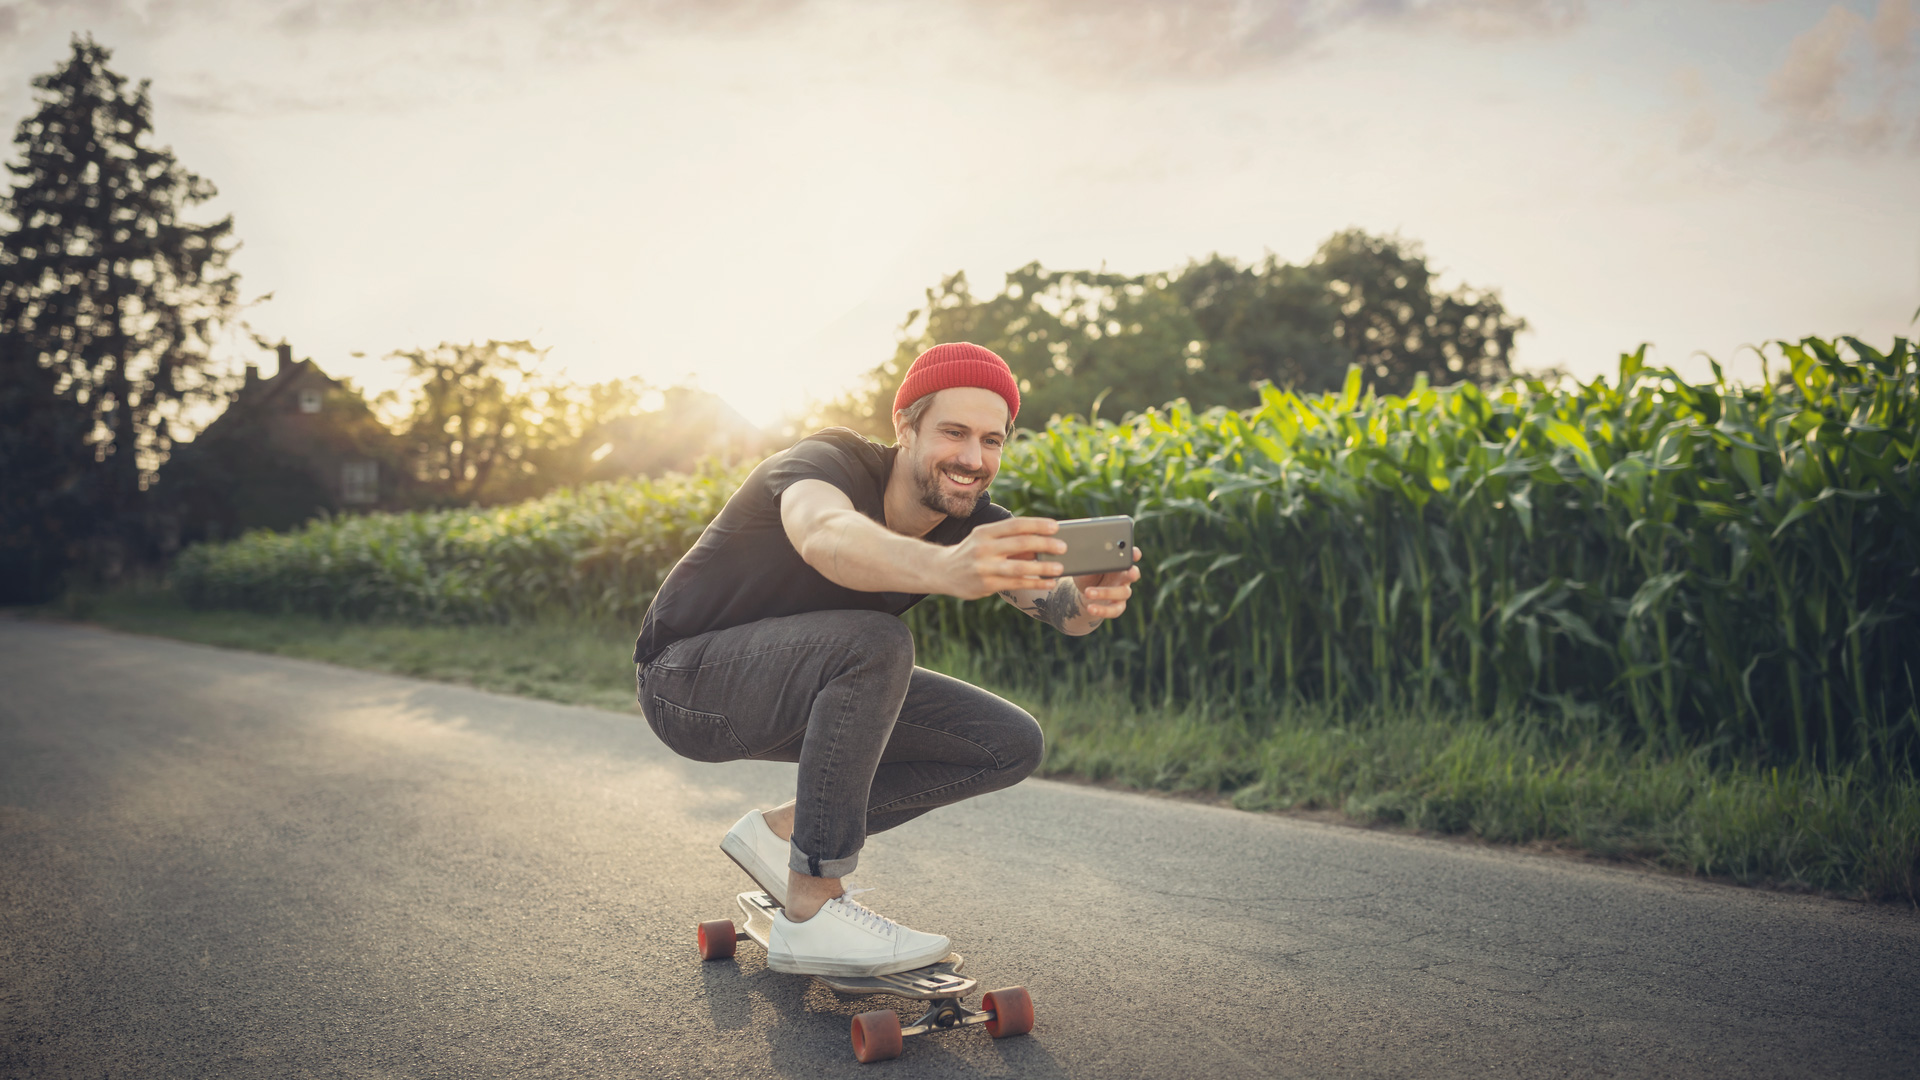 Ein Mann fährt mit seinem Skateboard an einem Feld vorbei und nimmt sich dabei auf.